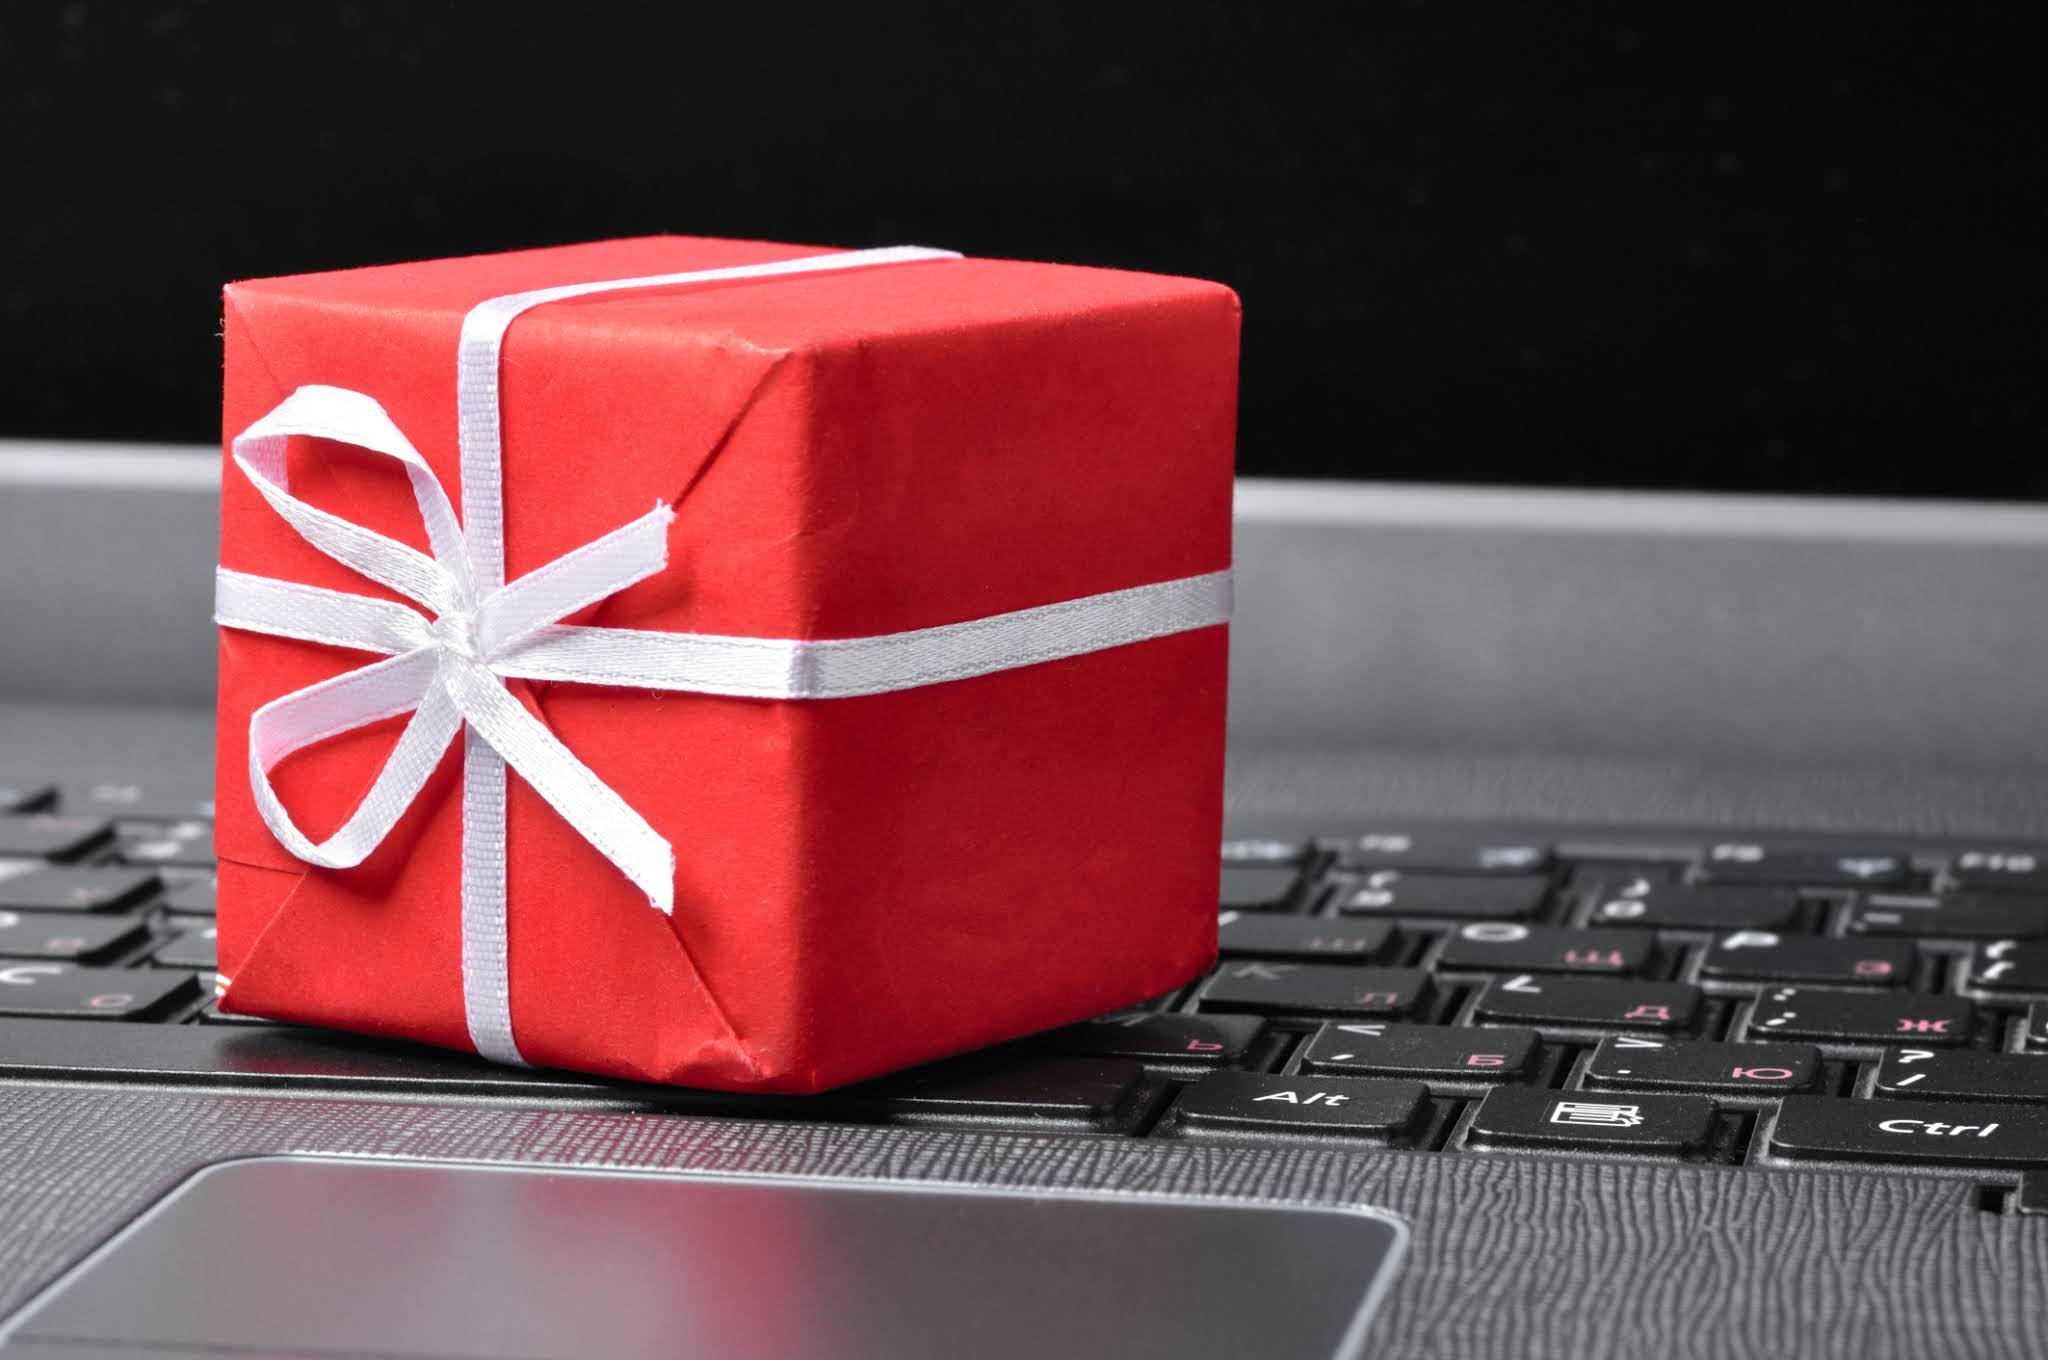 افكار هدايا للرجال    افضل هدايا للنساء   هدايا   التكنولوجيا وعالم التقنية الحديثة